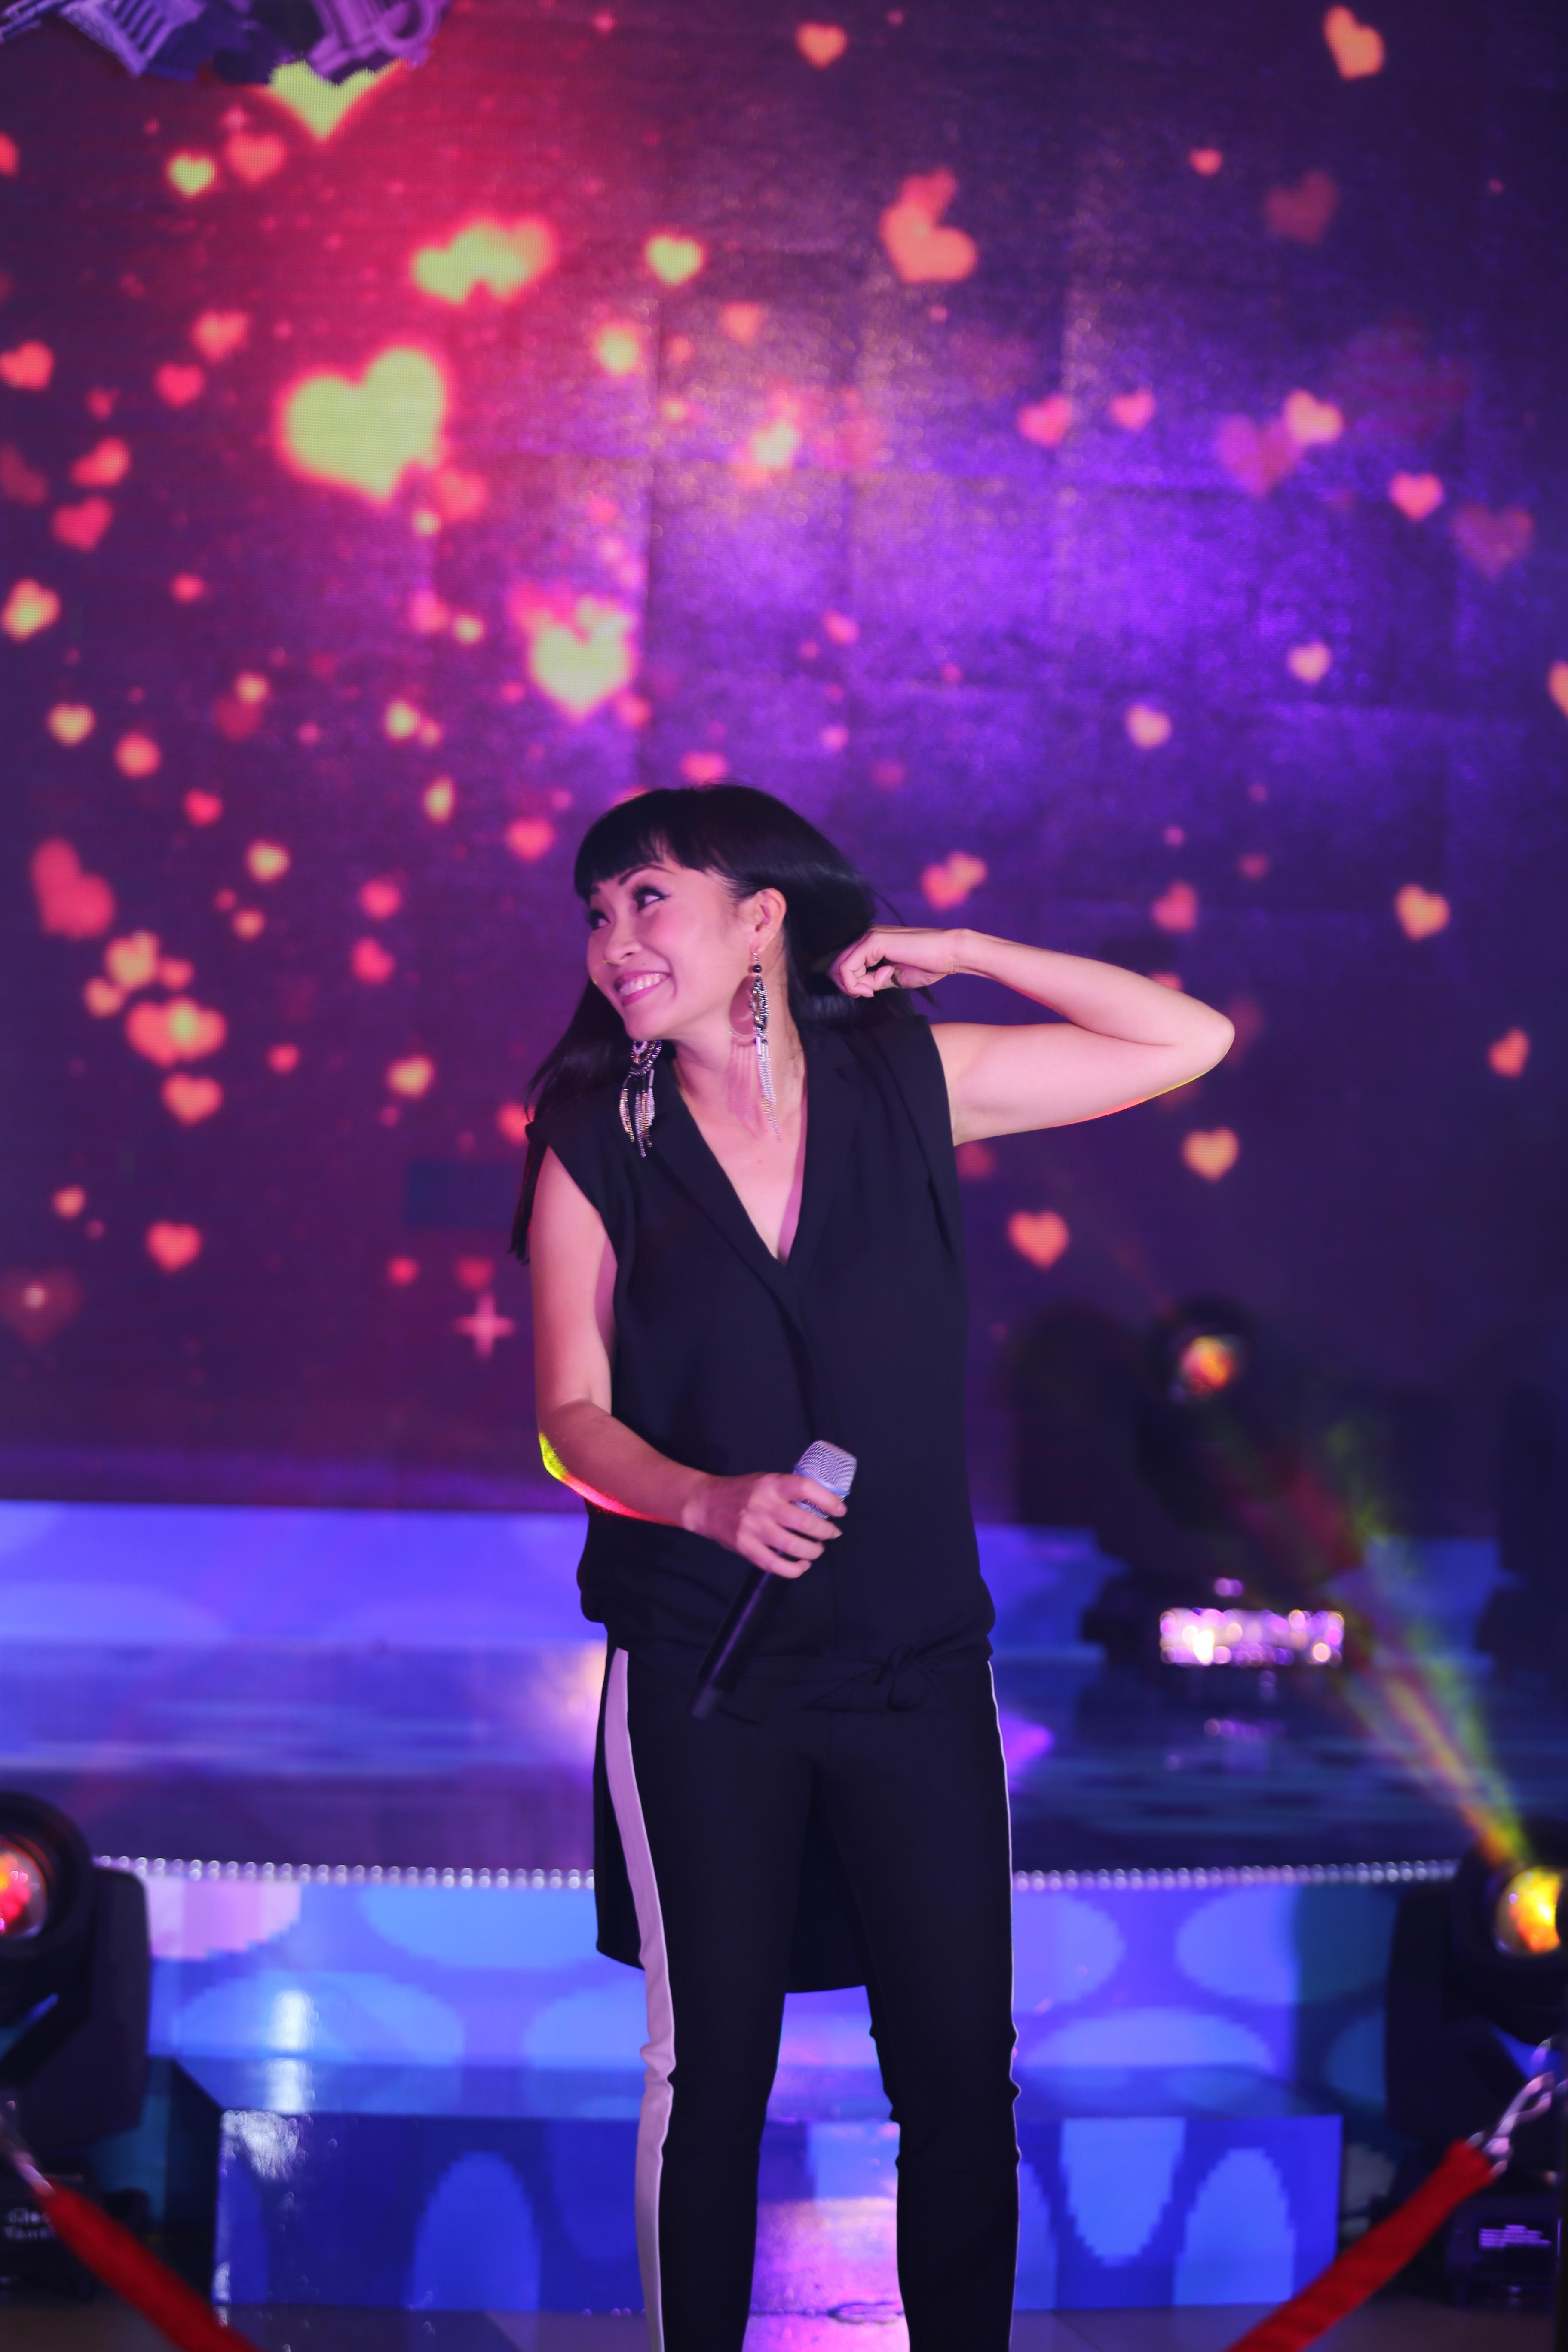 """Đến màn """"hỏi nhanh trả lời nhanh"""" hóc búa đặc trưng của """"MTV Star Tour"""" đã khiến khán giả cười nghiêng ngã và vỗ tay không ngớt với màn đối đáp khéo léo, hài hước và sâu sắc của Phương Thanh làm VJ Kaylee kì cựu của MTV nghiêng người kính phục."""